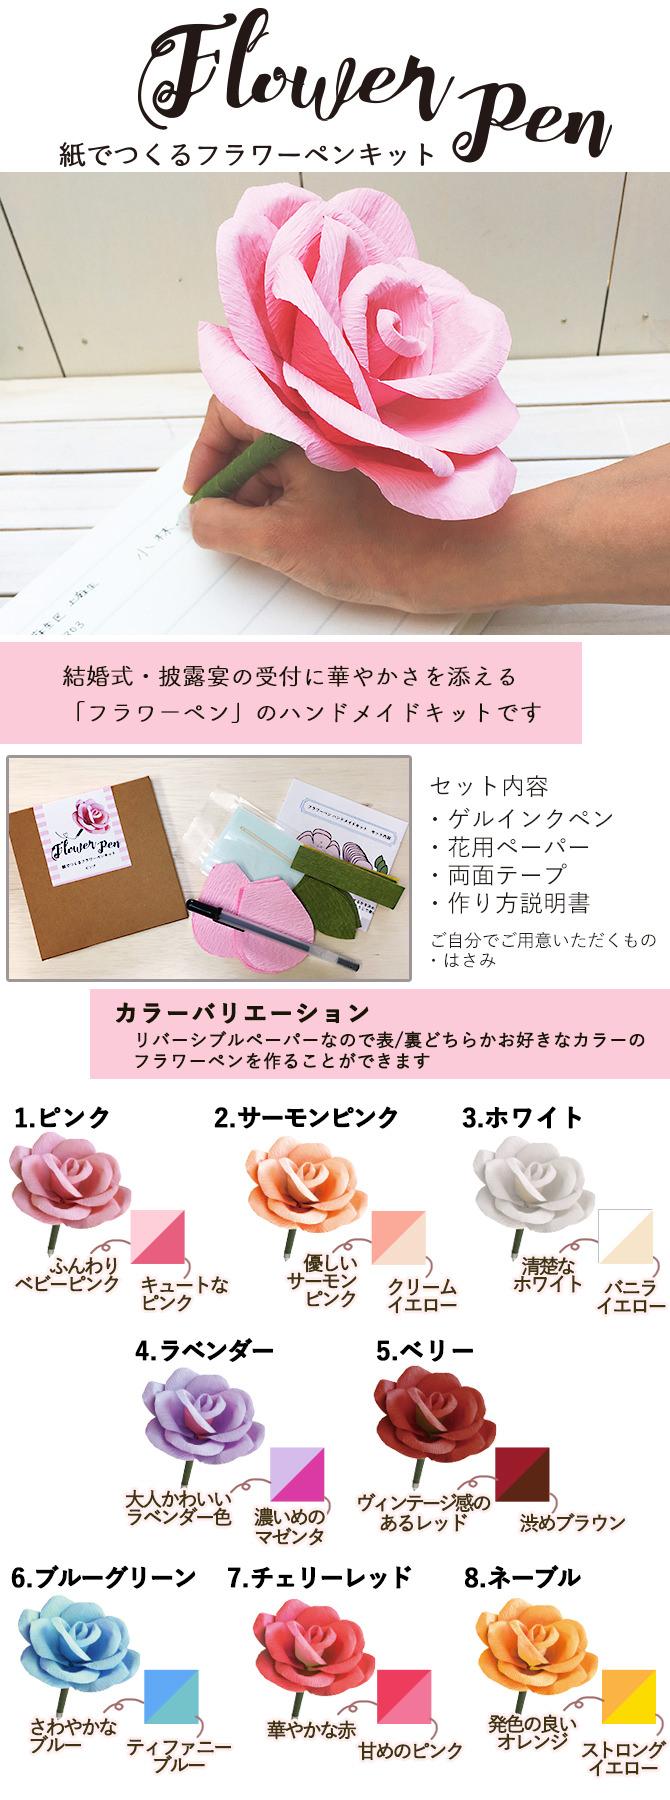 フラワーペン 手作りキット 花ペン 結婚式 ウェディング